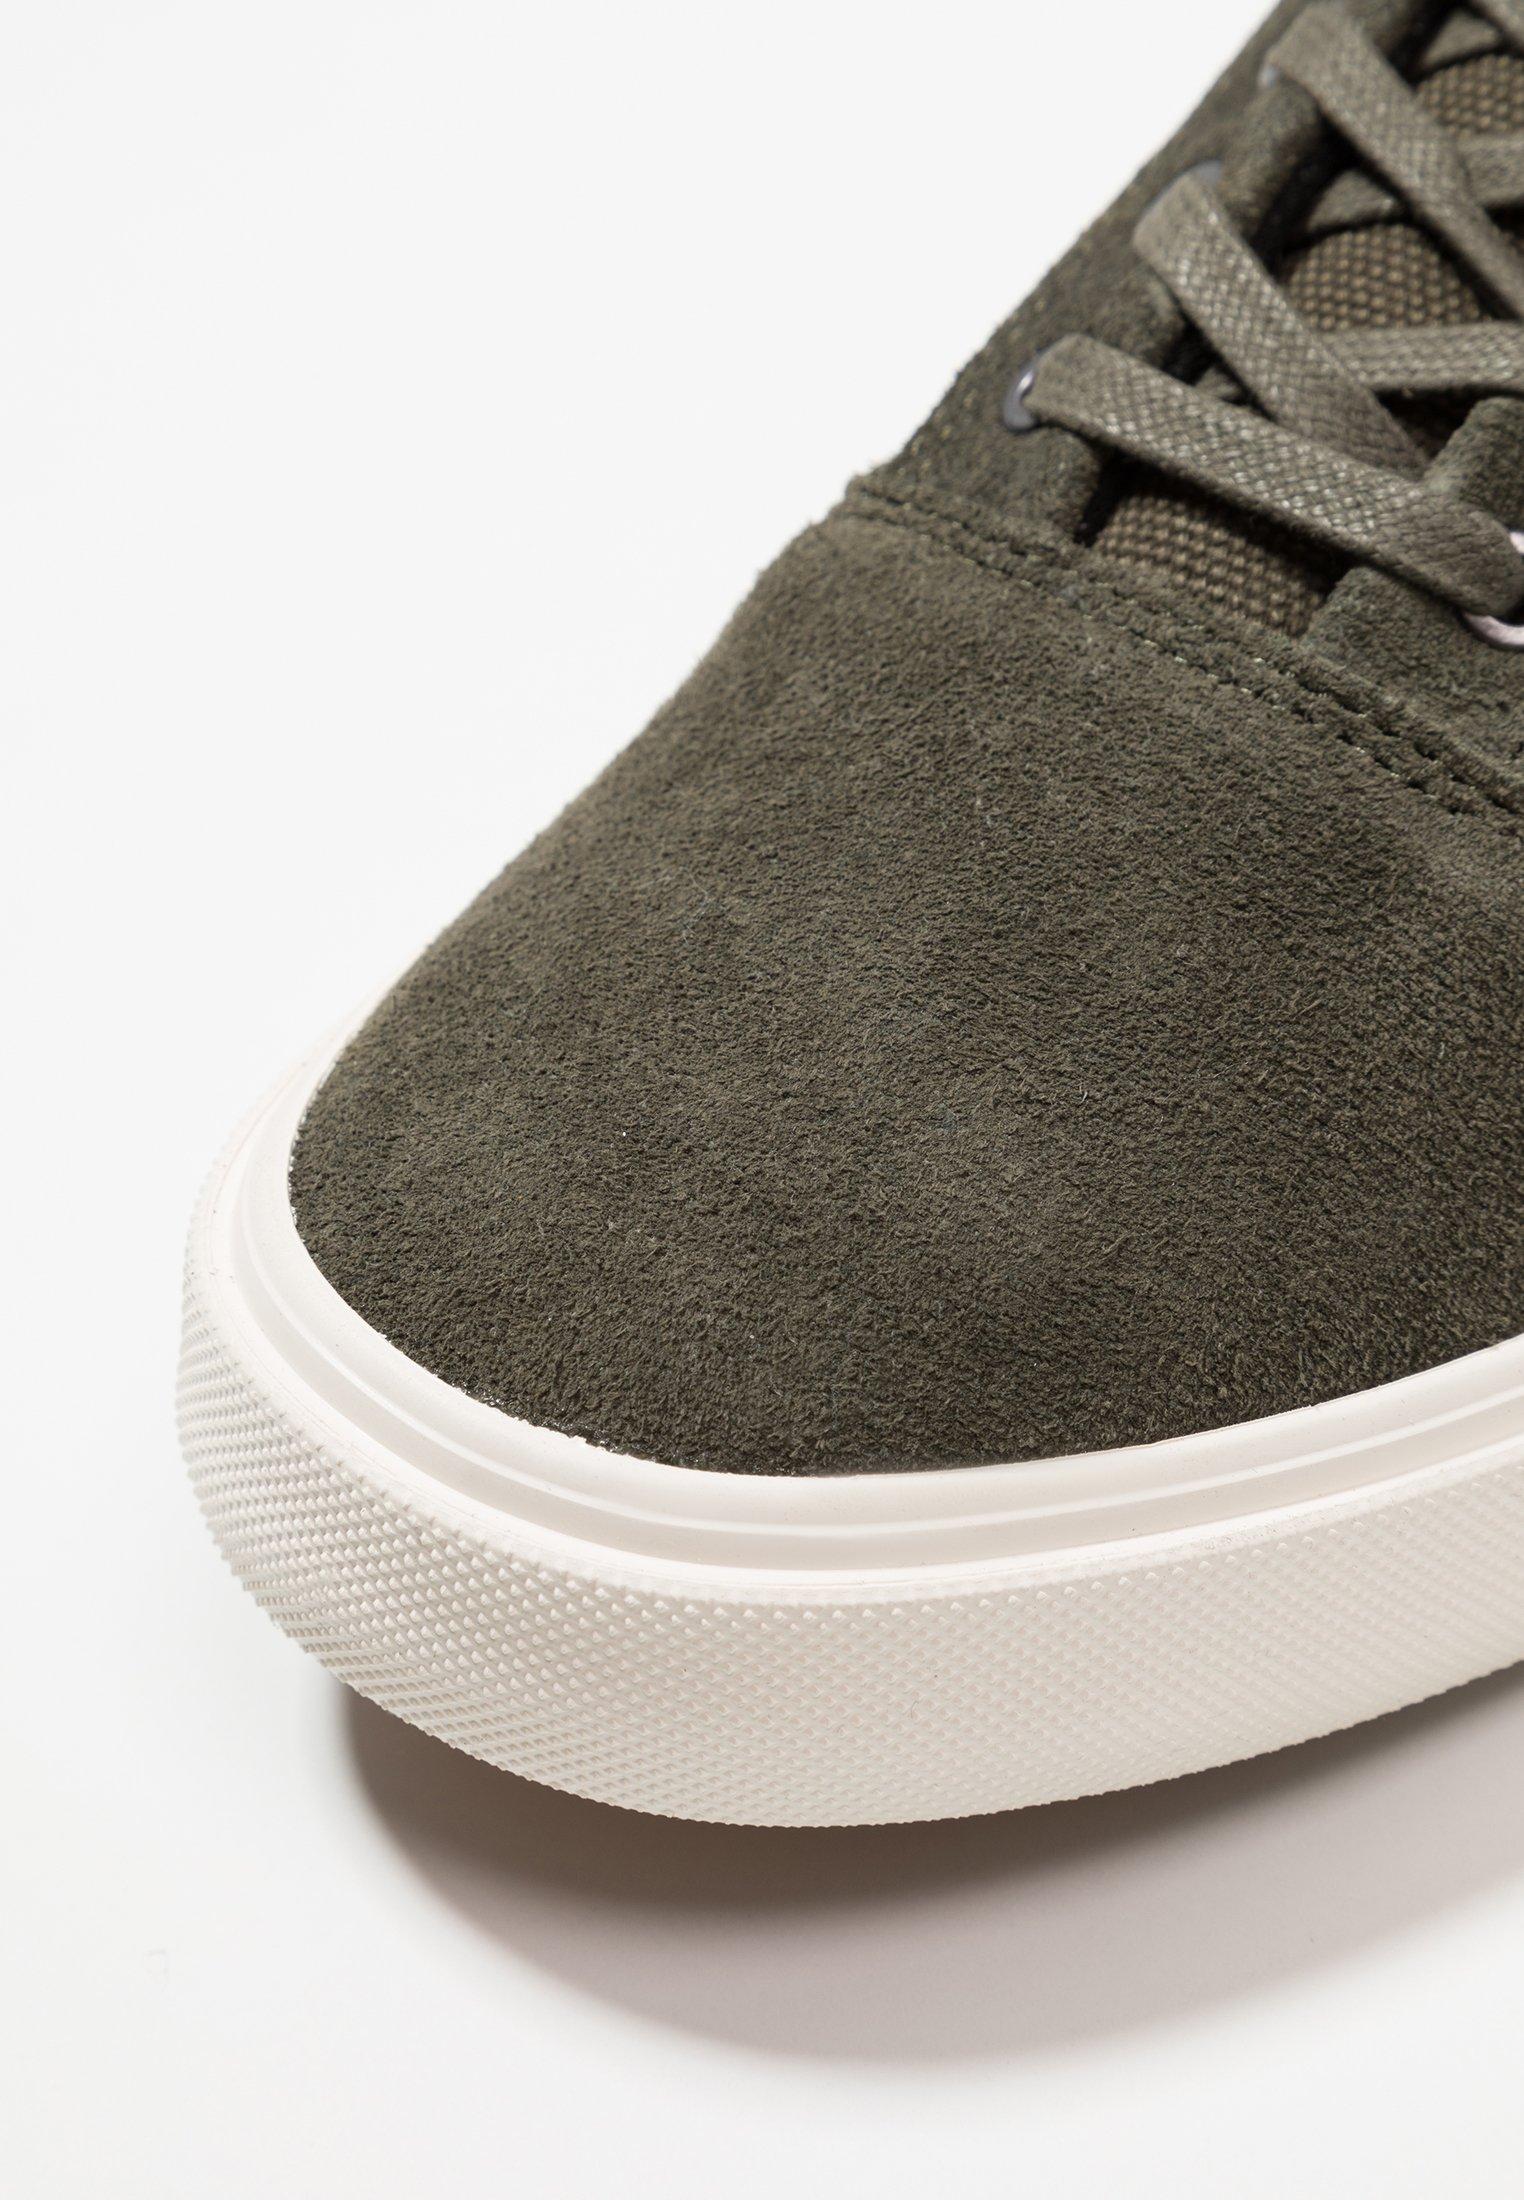 Jack & Jones Jfwvision - Sneakers Basse Olive Night uw0tBiJ